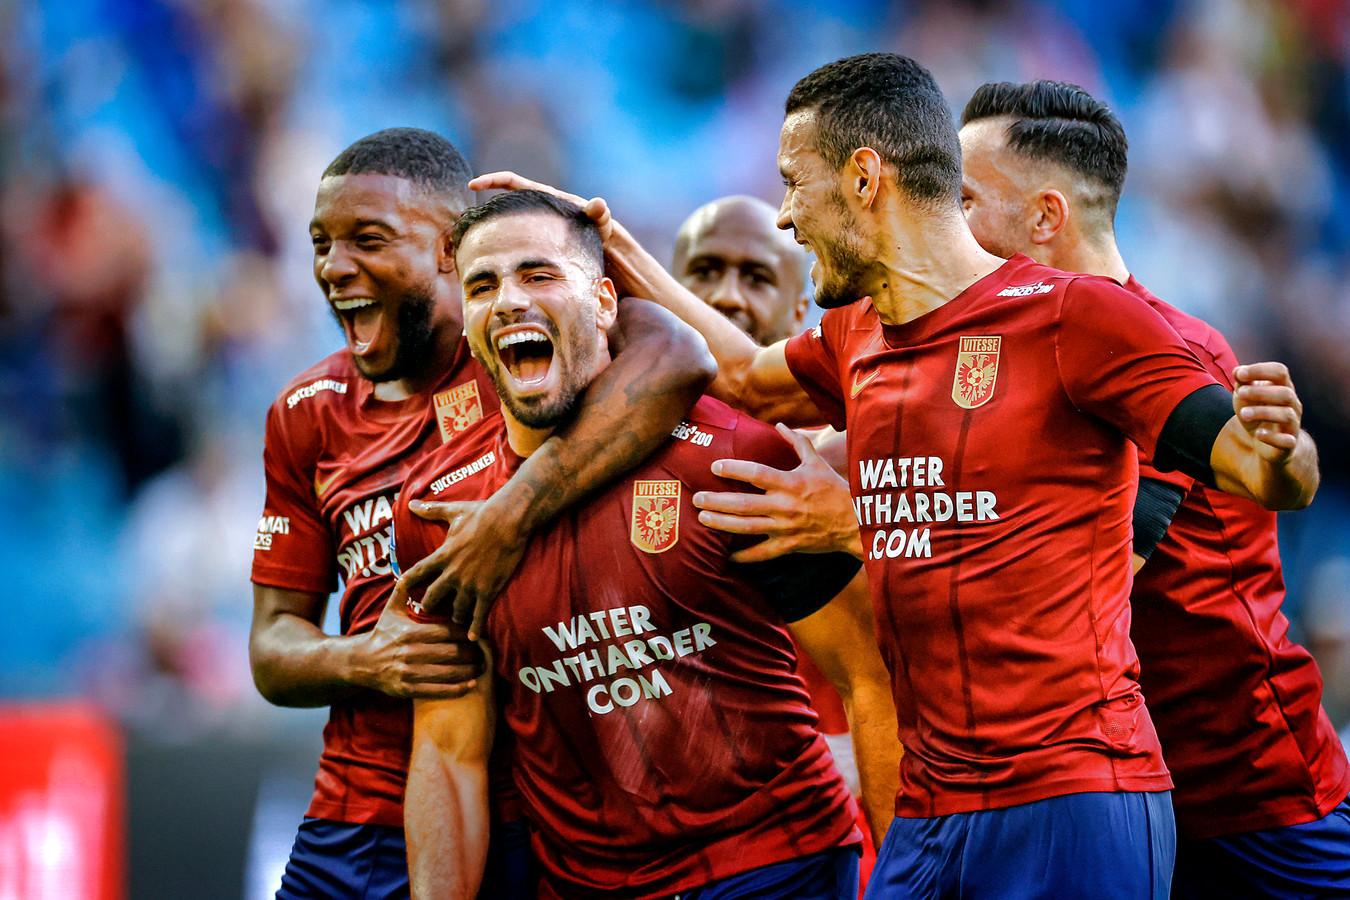 De sterren van dit seizoen: Riechedly Bazoer (geheel links) en Oussama Tannane (midden) in euforie bij Vitesse.